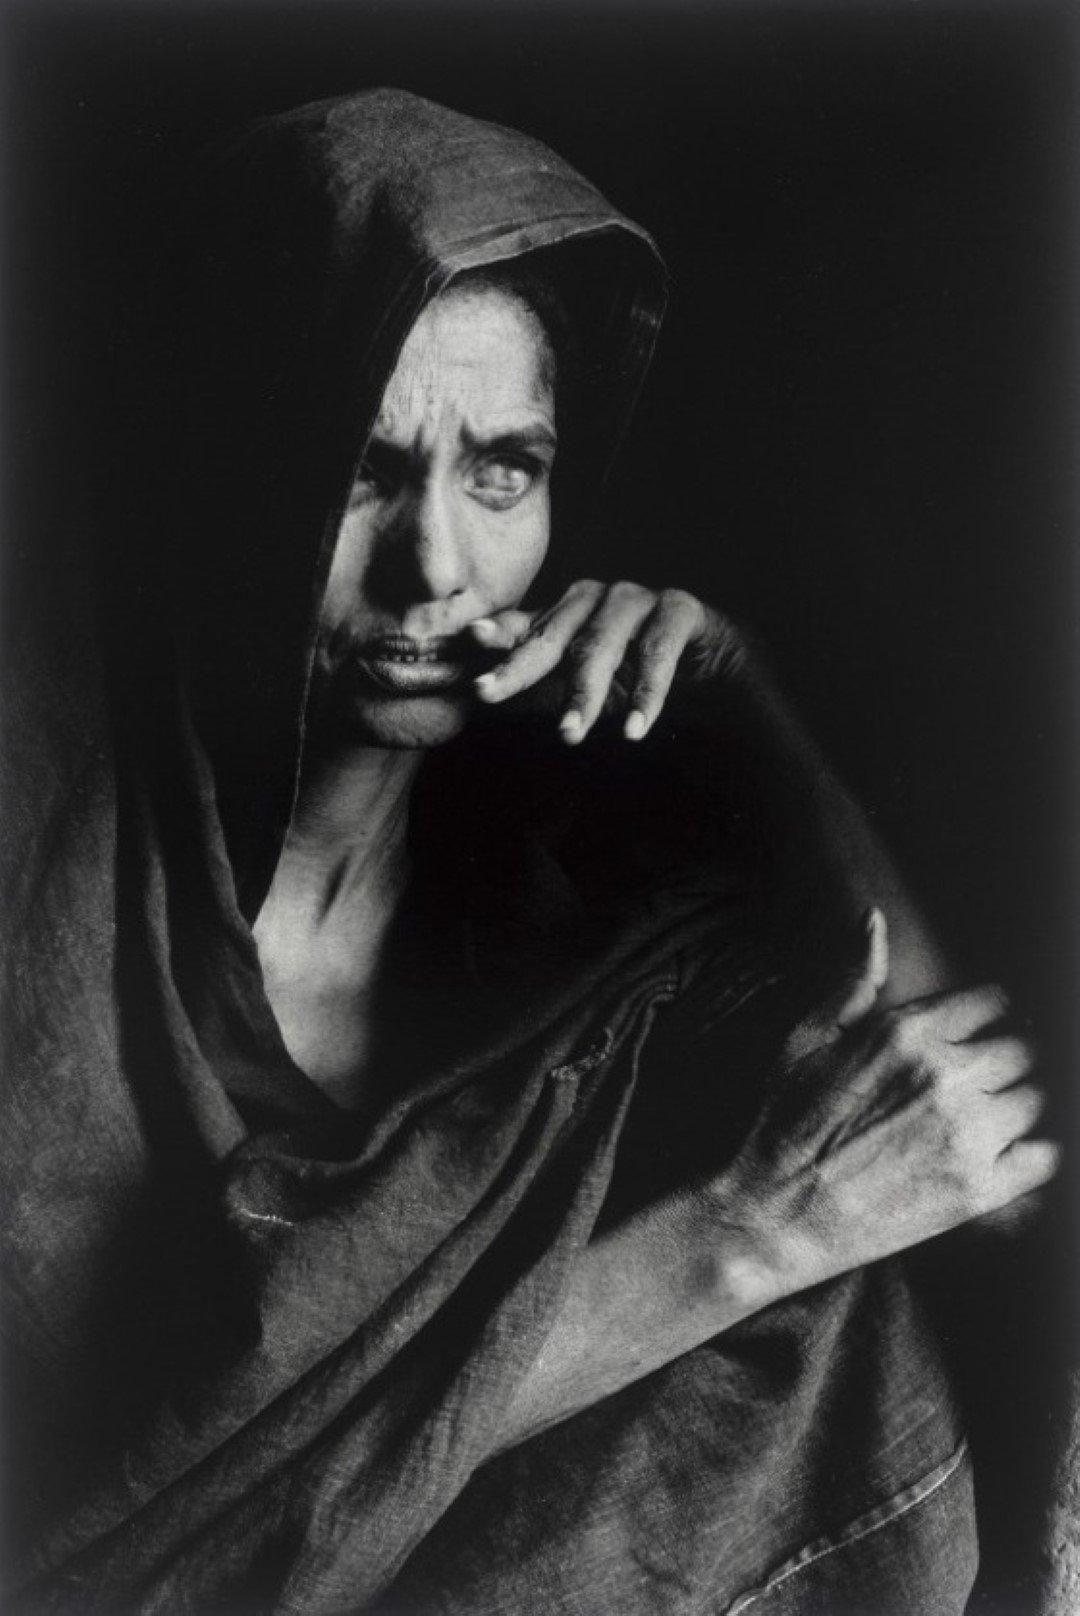 Ritratto in bianco e nero di una donna cieca Tuareg, Mali 1985 Sebastiao Salgado